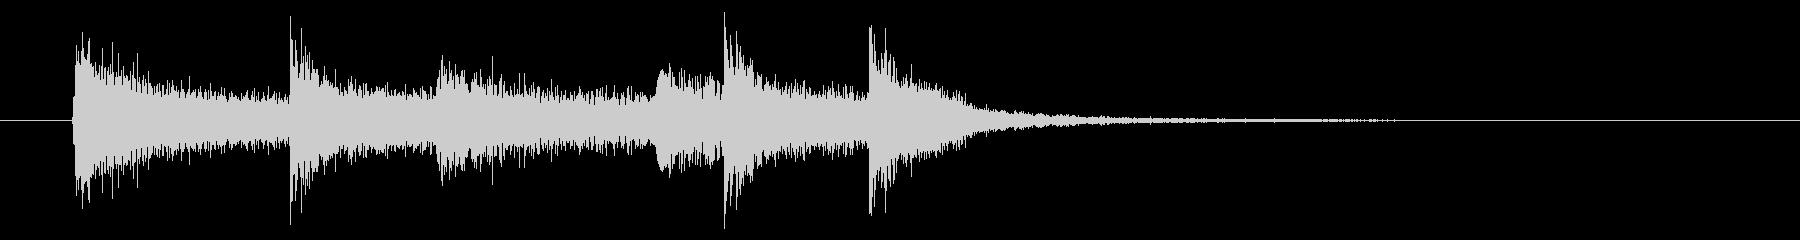 ロック・サウンドロゴ・ストンプ・クラップの未再生の波形